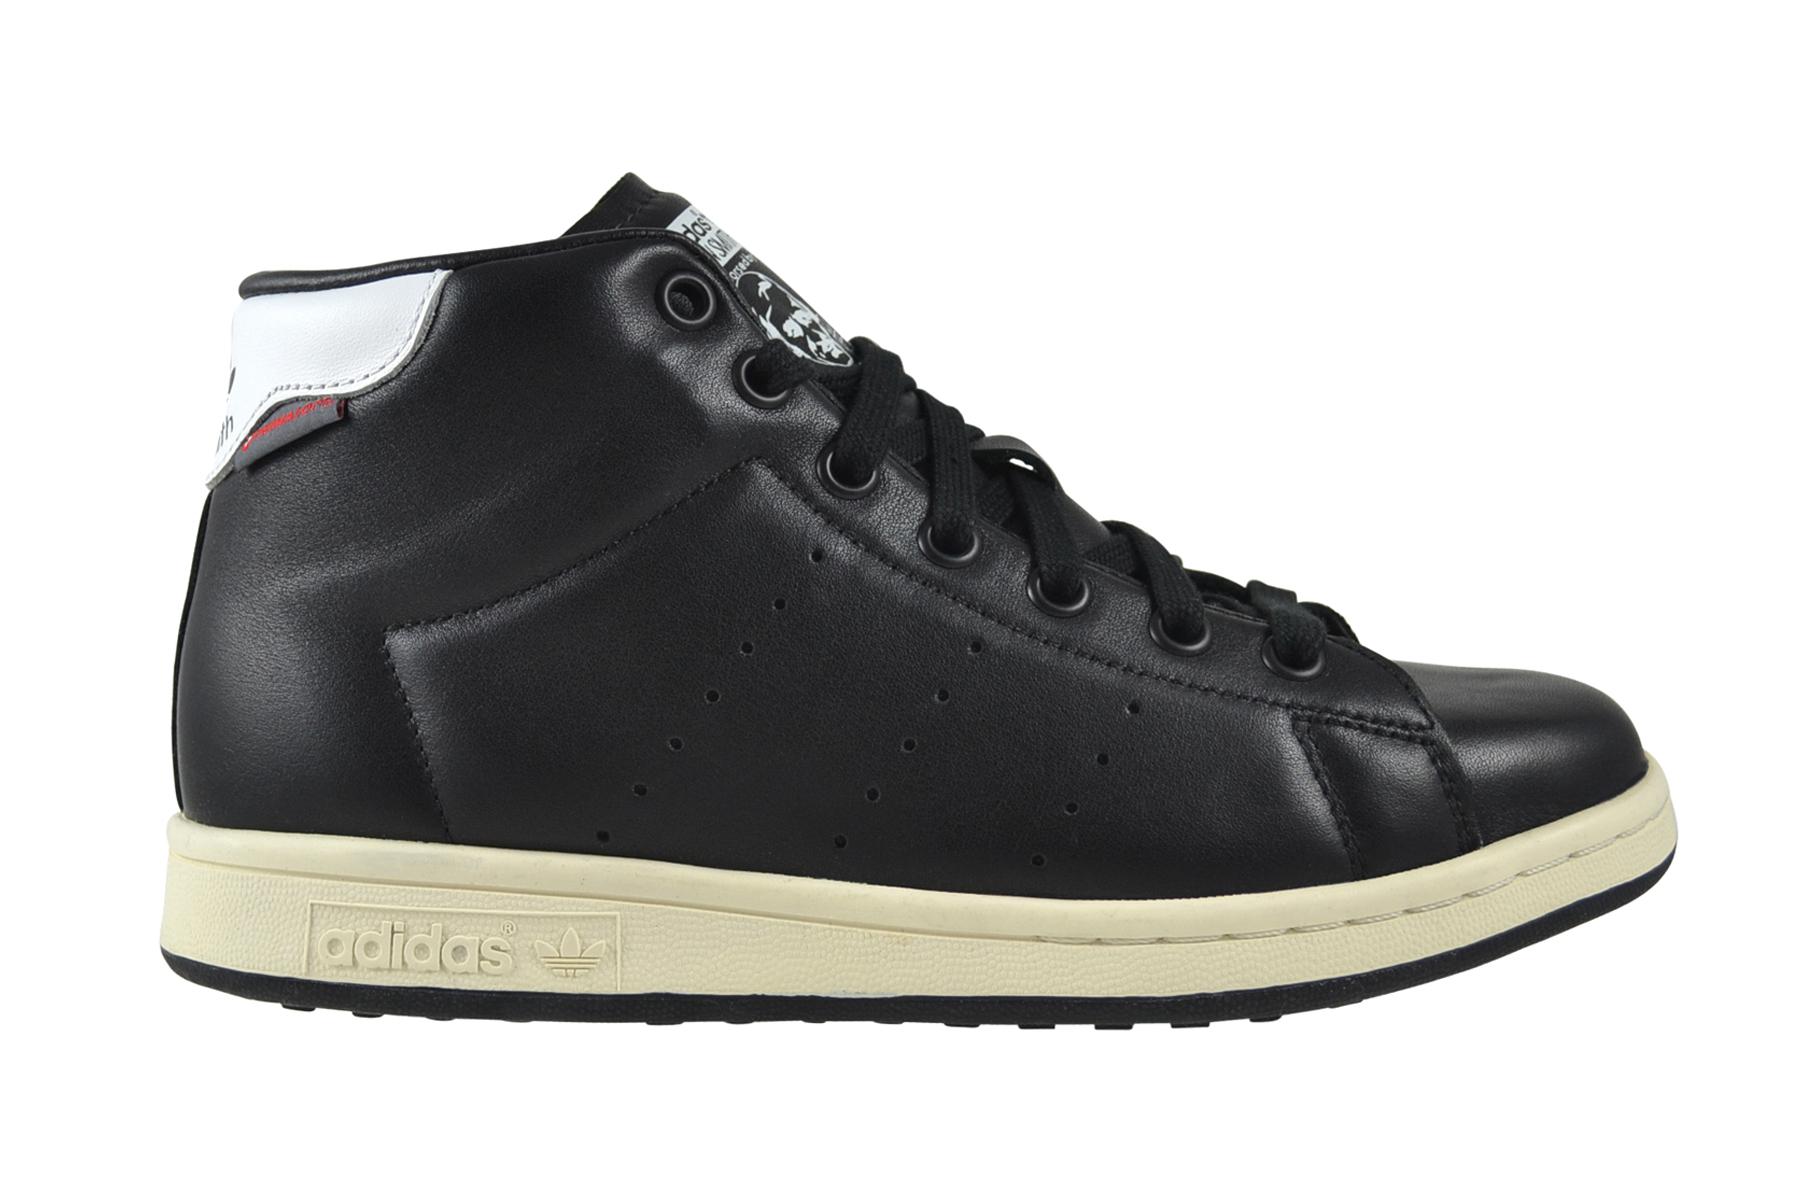 Adidas Stan Smith Winter core schwarz Weiß schwarz Schuhe